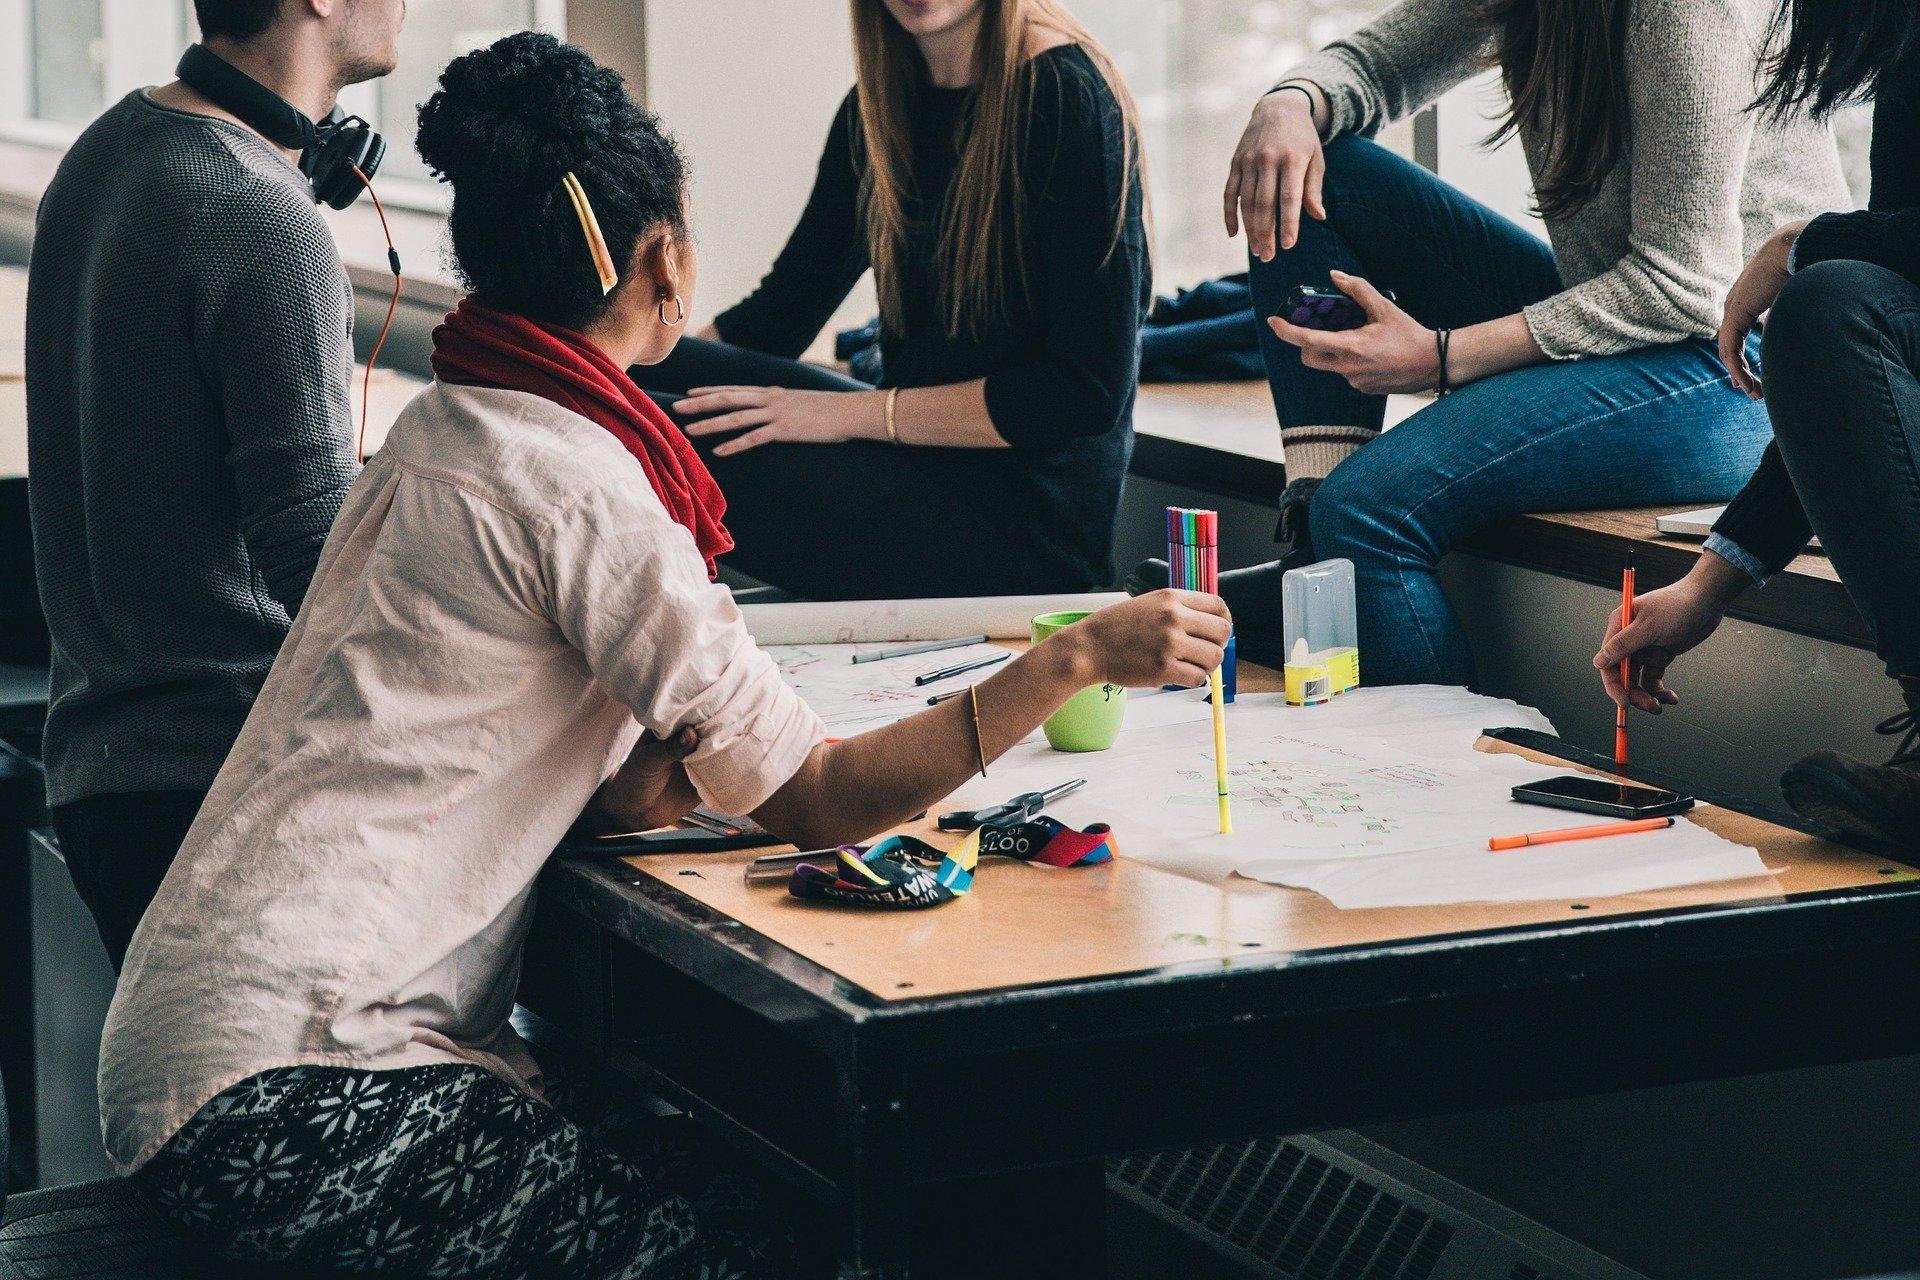 Vielfalt Bemühungen Laufwerk Anstieg der weiblichen und der Minderheiten, medizinische Schule Schüler